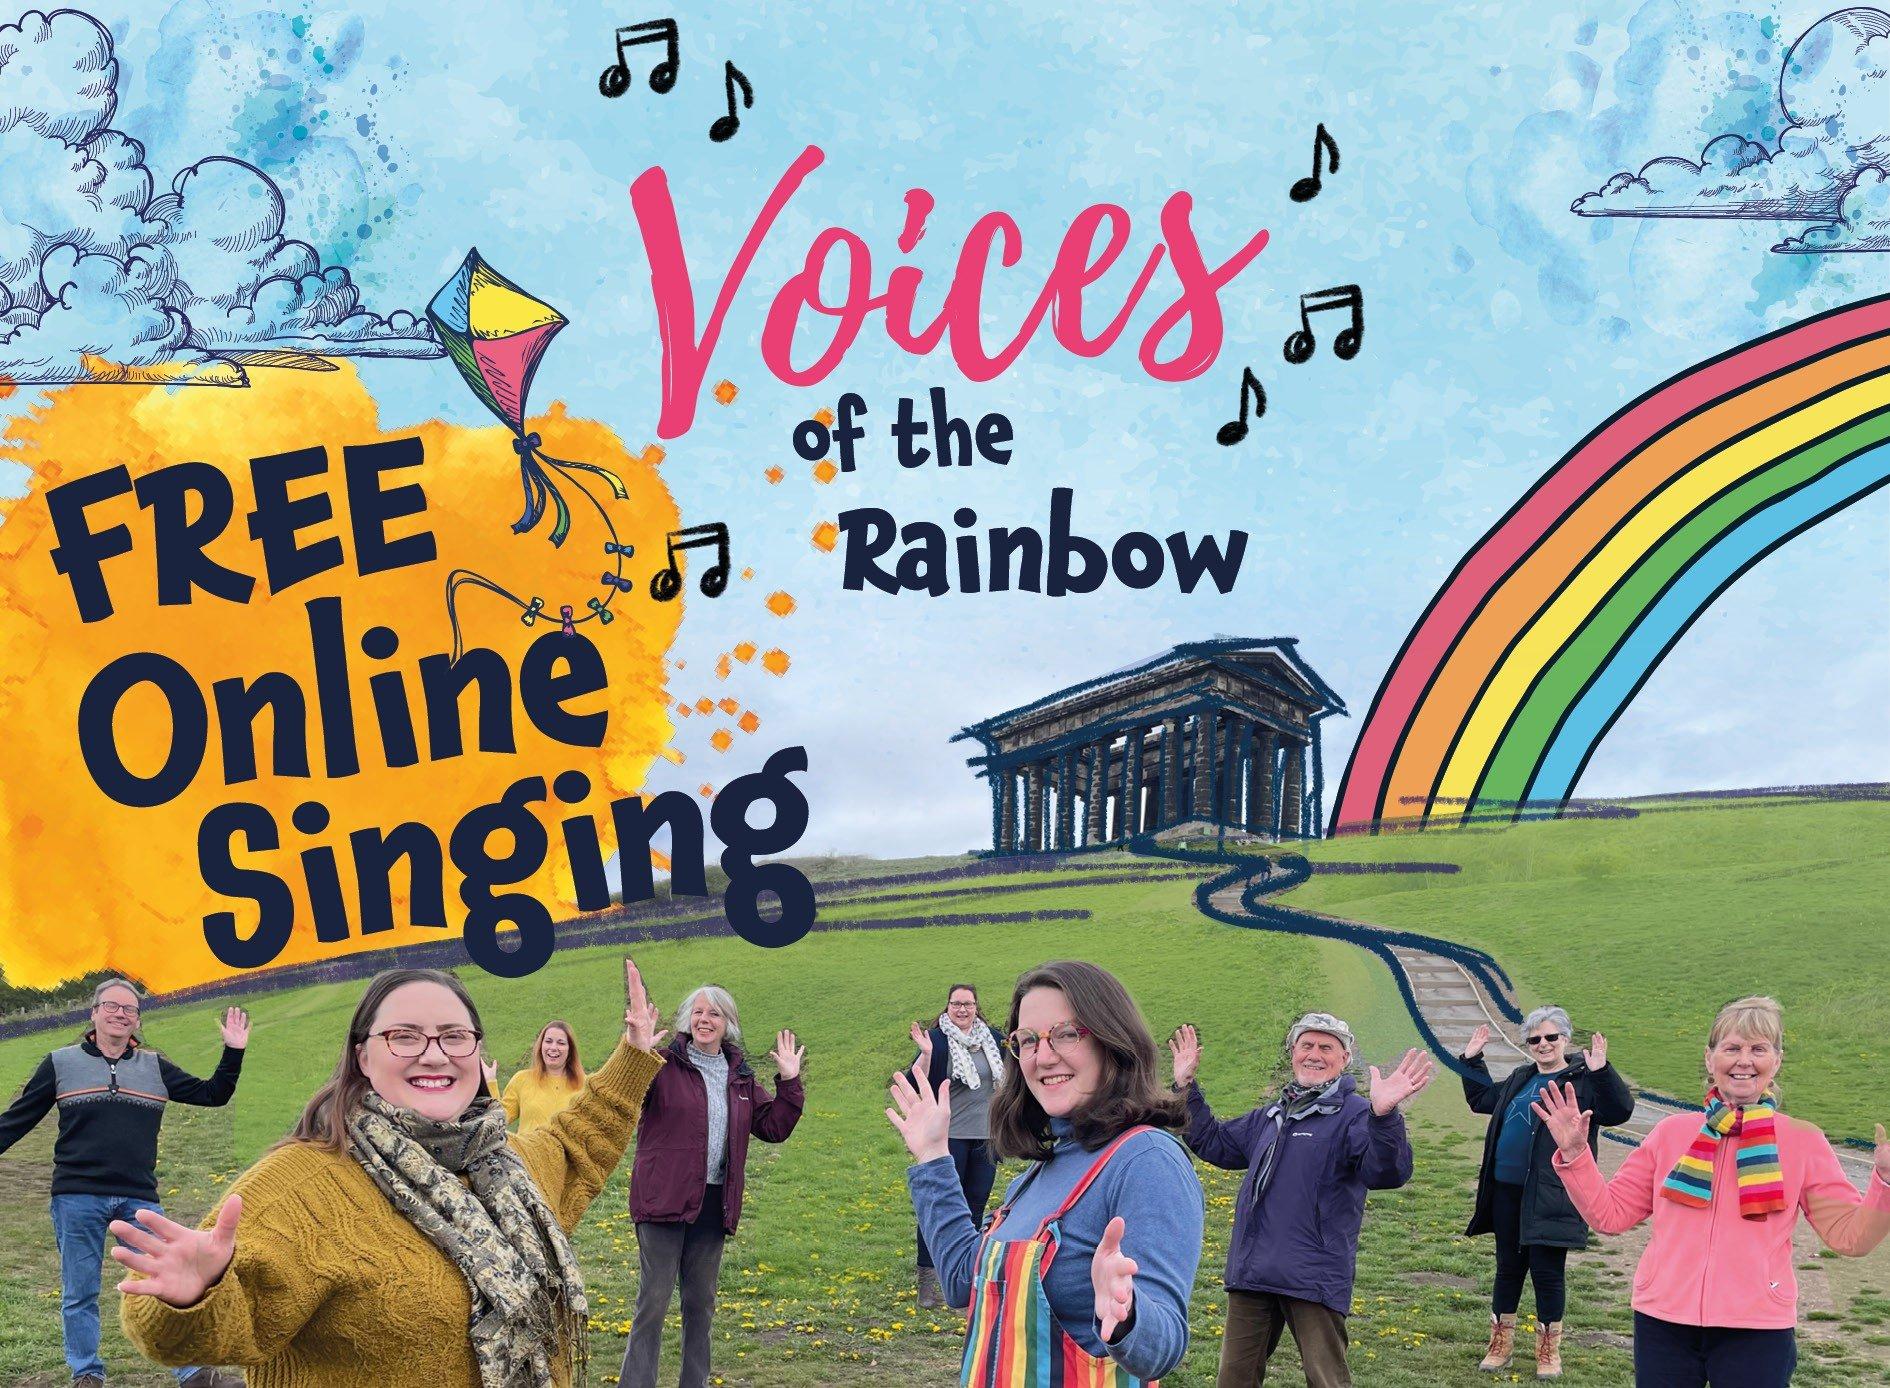 Free Online Singing